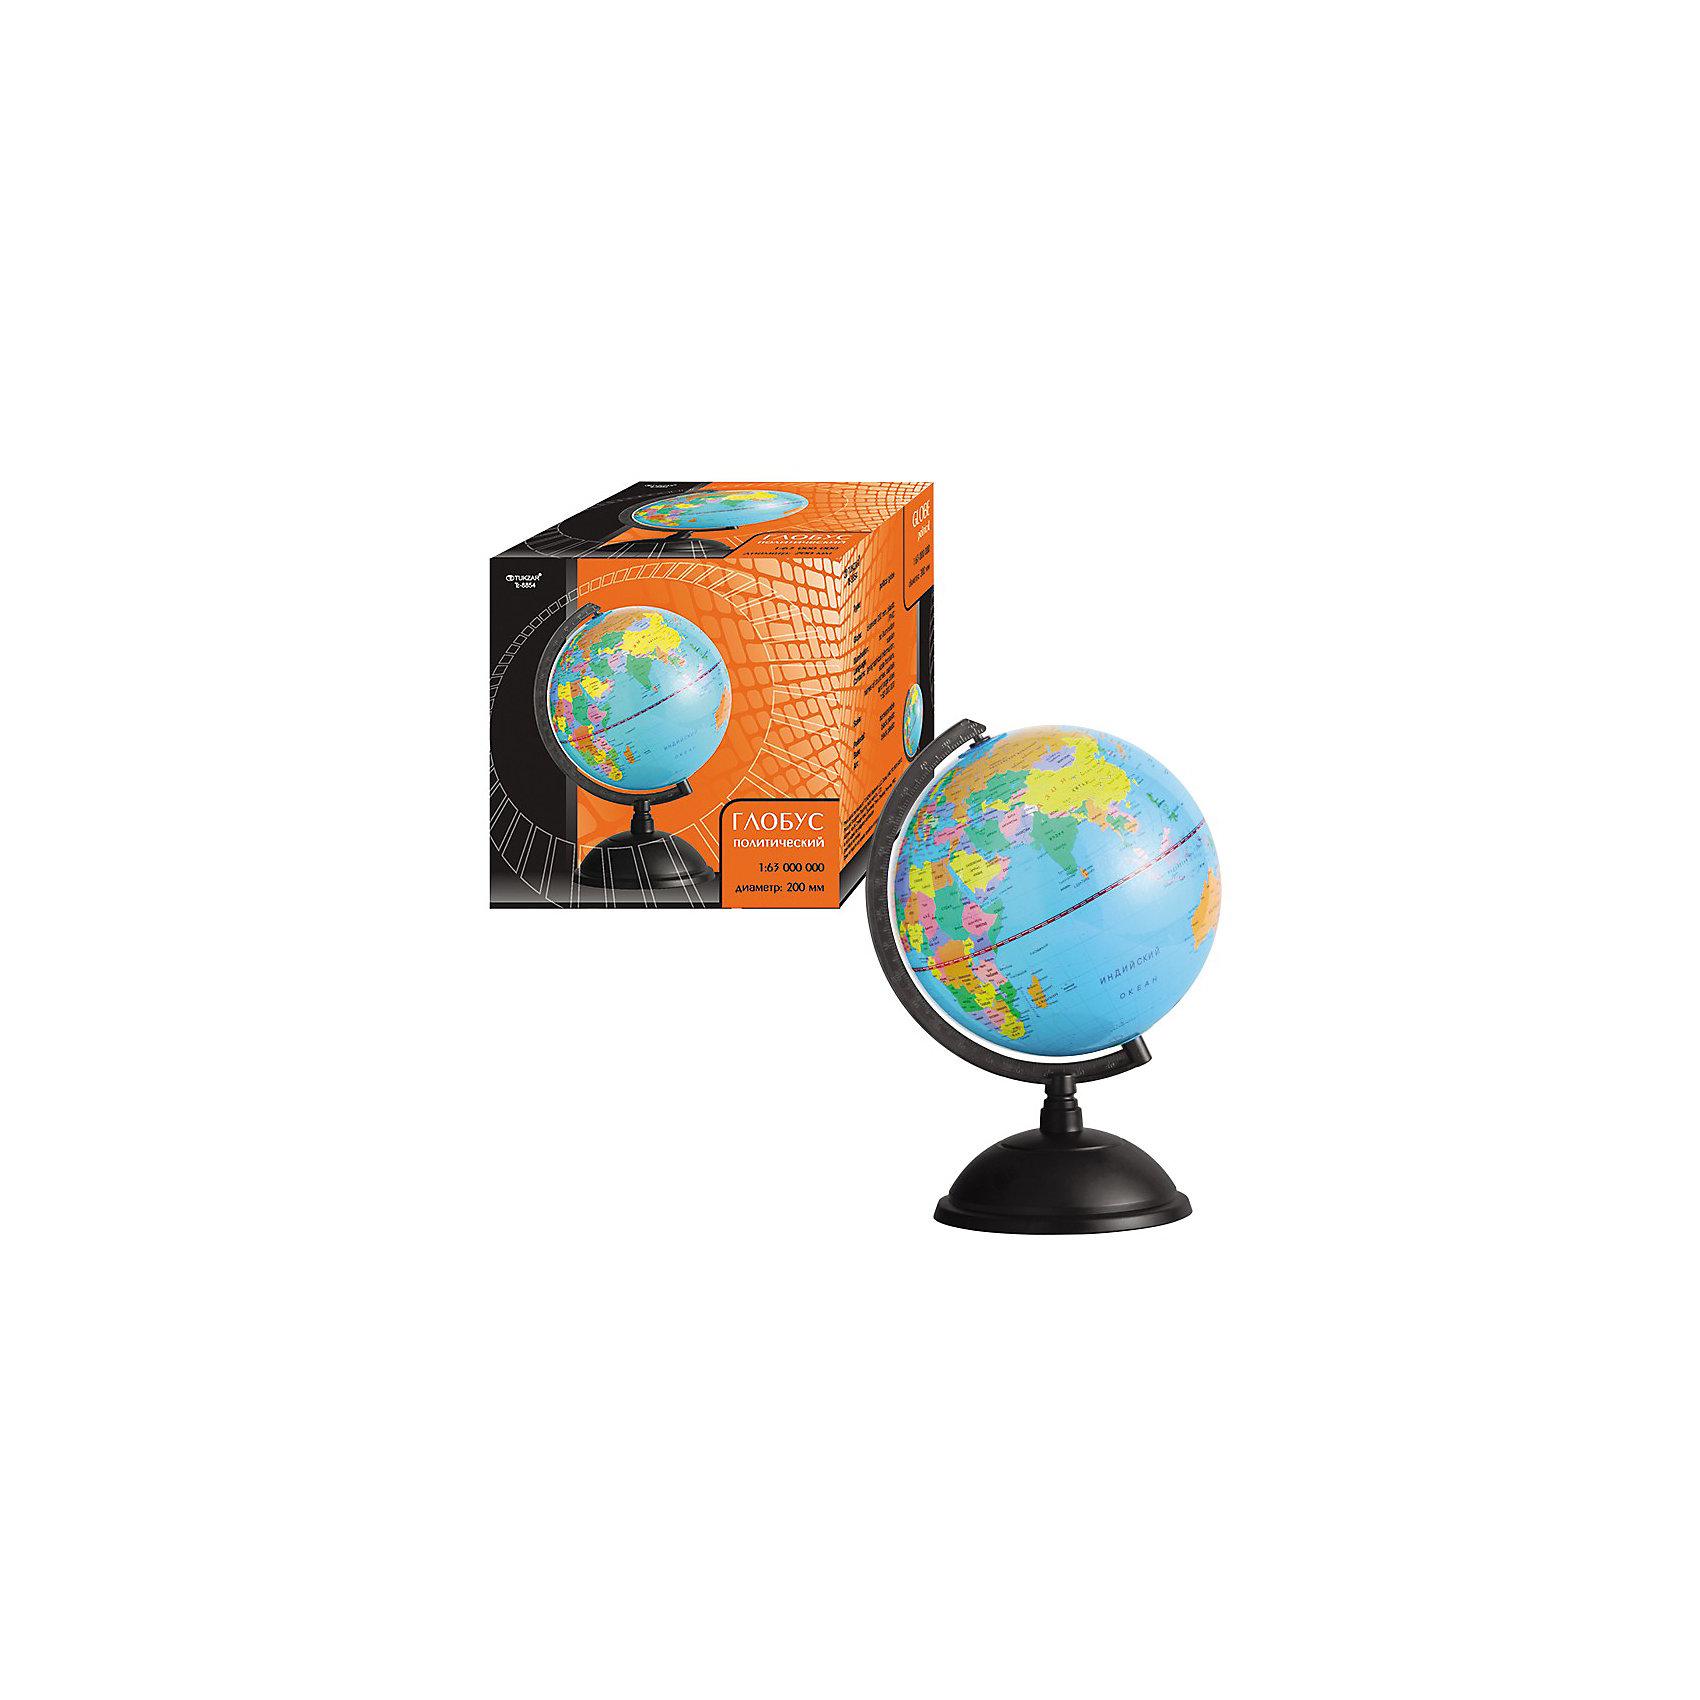 TUKZAR Глобус политический, 20 см.Глобус происходит от латинского слова globus («шар») и представляет собой уменьшенную модель Земли. <br>  Изображение на глобусе нанесено равномерно без искажений и разрывов, как это бывает на картах или в атласах, поэтому на глобусе можно увидеть общее, целостное представление о расположение материков и океанов, стран и городов нашей планеты. <br>  Содержание - границы государств, названия стран, столиц и крупных городов. Карта напечатана на пластике. <br>  Пластиковая подставка черного цвета с черной меридианной дугой. <br>  Язык - русский<br><br>Ширина мм: 280<br>Глубина мм: 260<br>Высота мм: 240<br>Вес г: 688<br>Возраст от месяцев: 36<br>Возраст до месяцев: 144<br>Пол: Унисекс<br>Возраст: Детский<br>SKU: 3137908